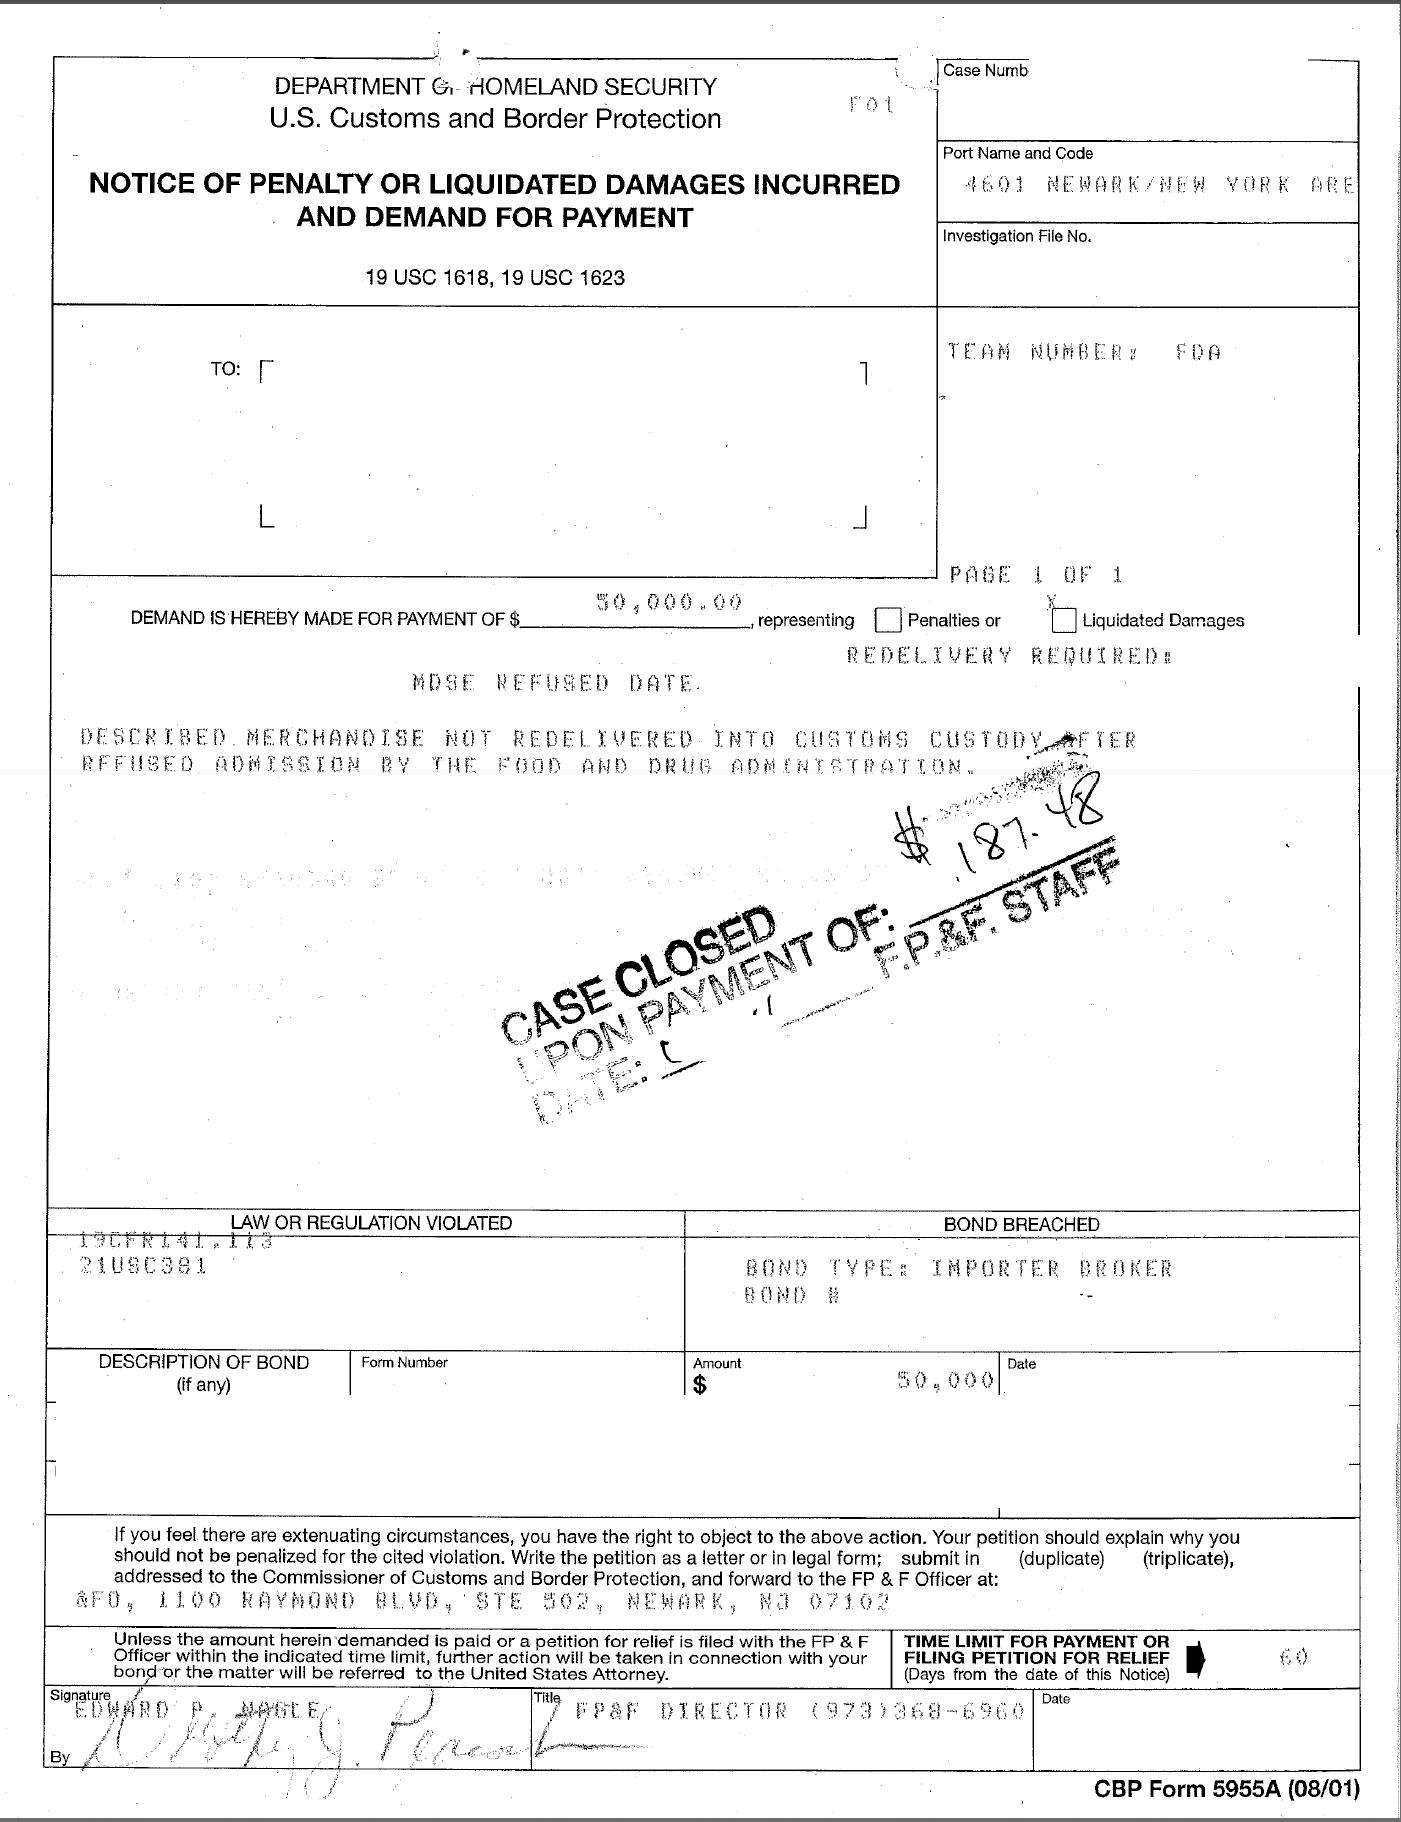 10 - Liquidated Damages Notice & DECISION- FDA Violation